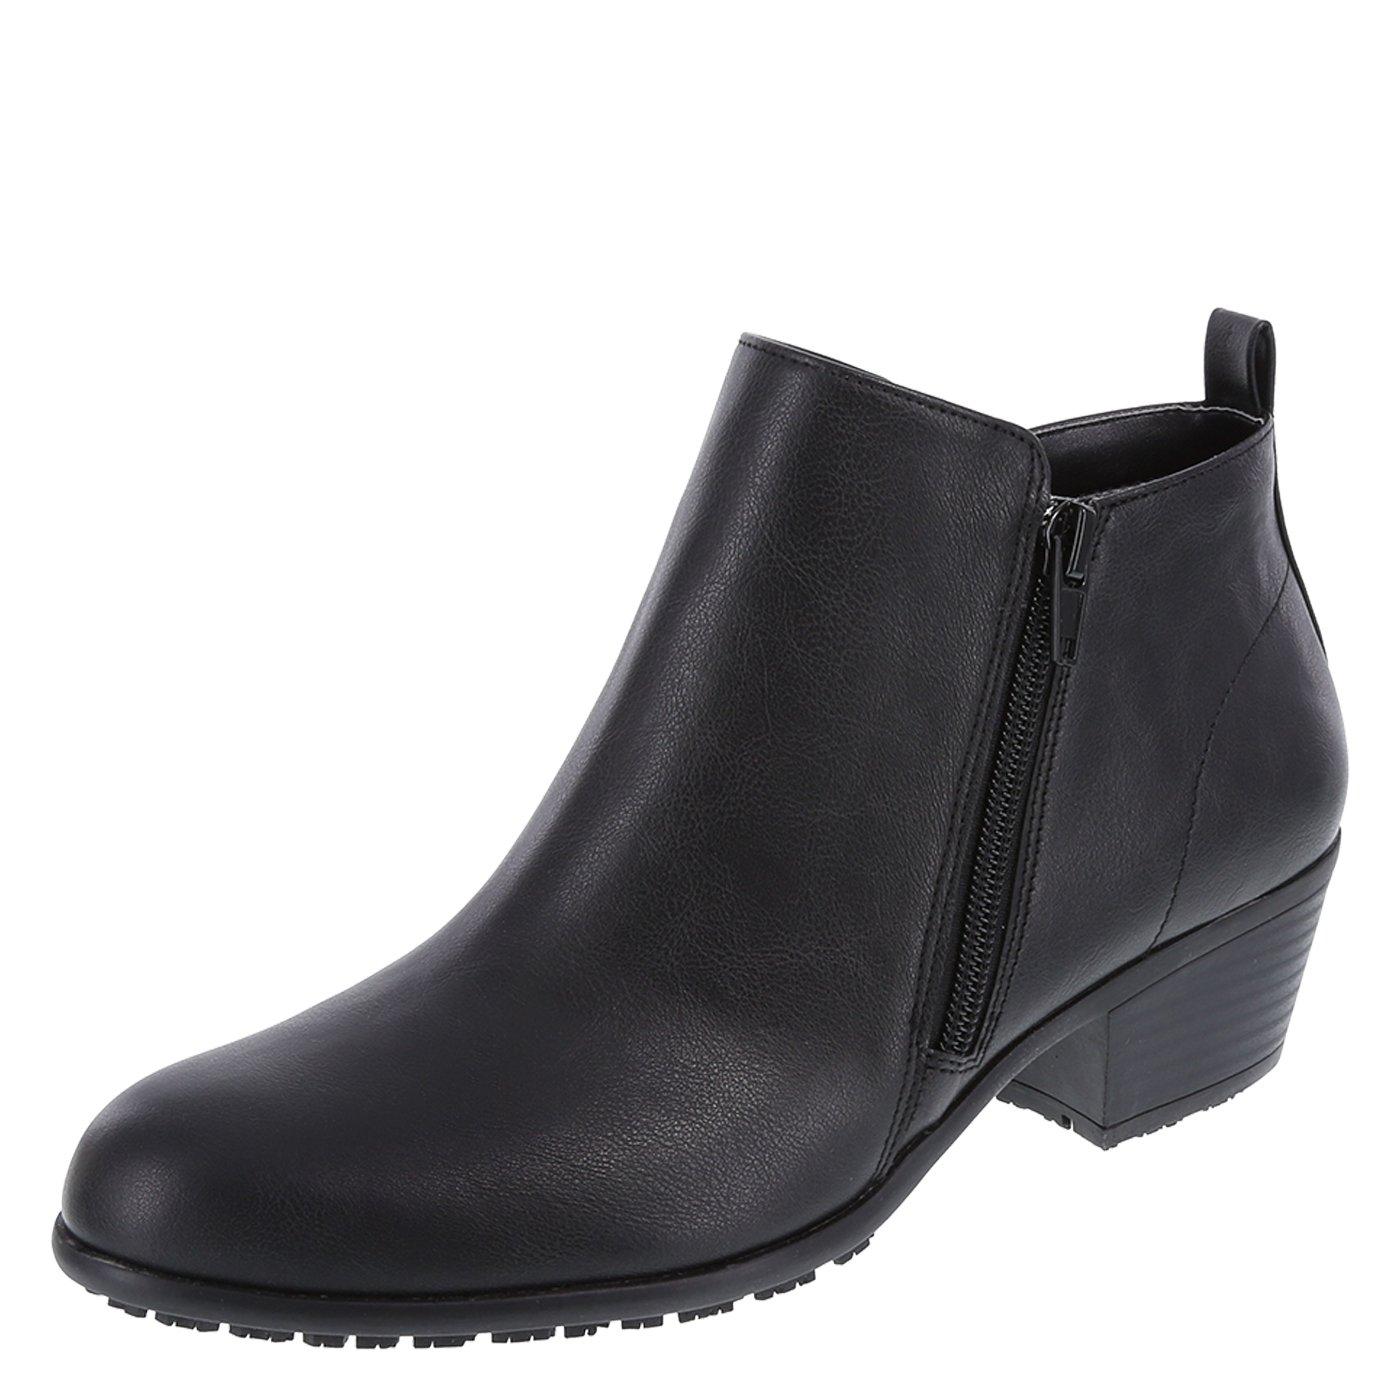 safeTstep Women's Black Women's Slip-Resistant Brenna Short Boot 6 Wide